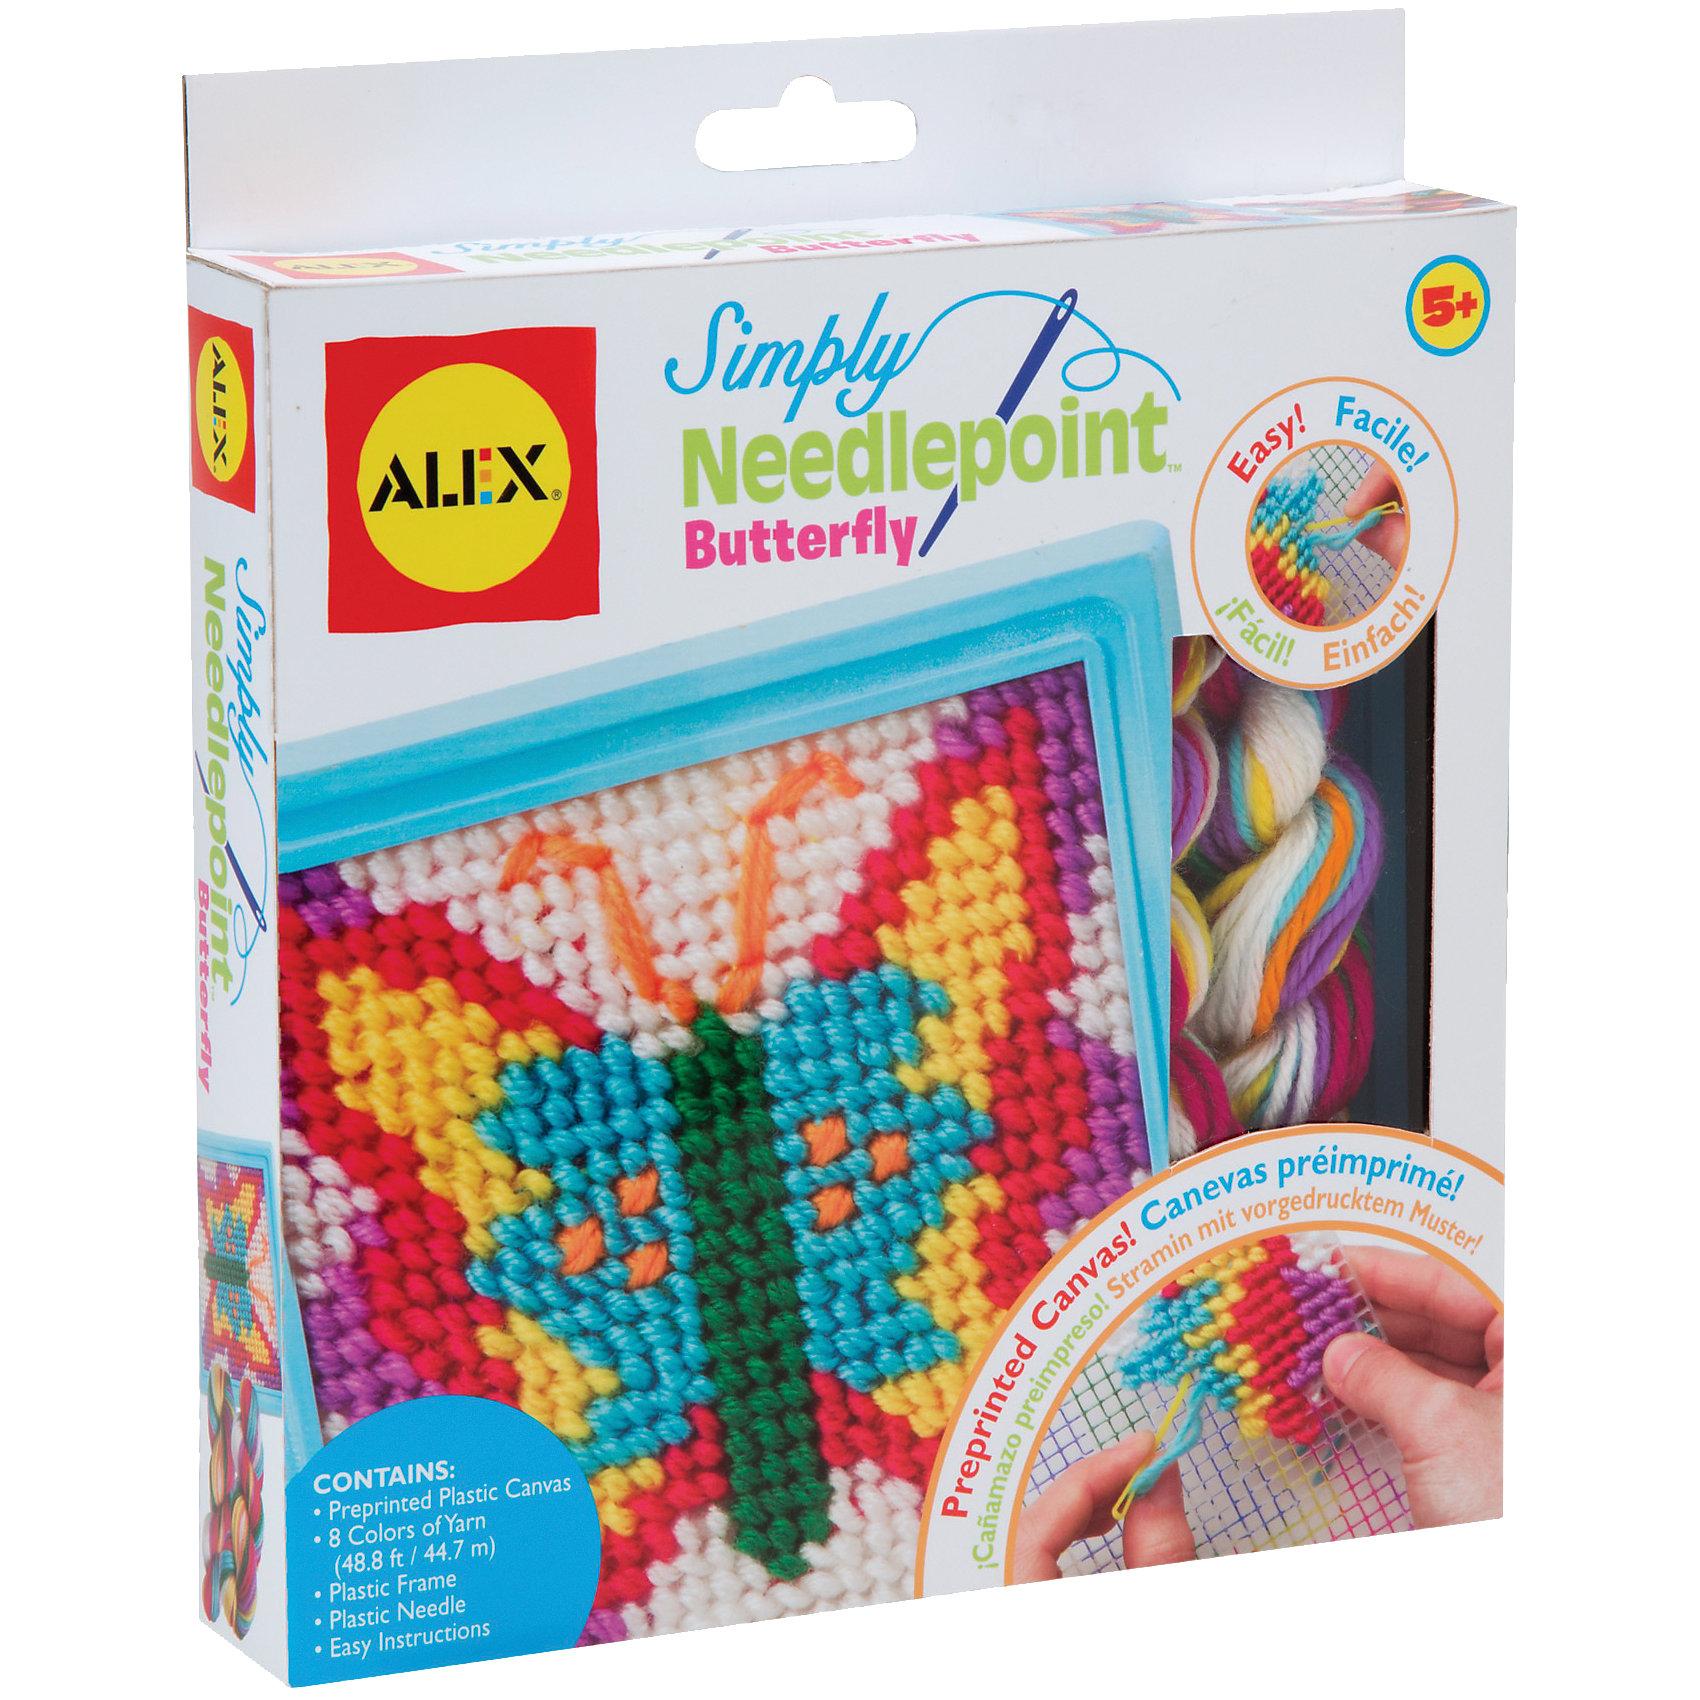 Набор для вышивания Бабочка, ALEXШитьё<br>Этот простой набор для вышивания по канве идеально подойдет для начинающих рукодельниц. Он позволит девочке создать свои первую картину. Вышивание развивает творческие способности, мелкую моторику и внимание. <br><br>Дополнительная информация:<br><br>- Комплектация: пластиковая канва с нанесенным на нее рисунком, пластмассовая рамка, безопасная пластмассовая игла, разноцветные нитки и простая инструкция.<br>- Размер упаковки: 24,7x3х21,5 см. <br>- Материал: пластик, нитки.<br><br>Набор для вышивания Бабочка, ALEX (Алекс) можно купить в нашем магазине.<br><br>Ширина мм: 220<br>Глубина мм: 32<br>Высота мм: 220<br>Вес г: 200<br>Возраст от месяцев: 60<br>Возраст до месяцев: 120<br>Пол: Женский<br>Возраст: Детский<br>SKU: 4027689